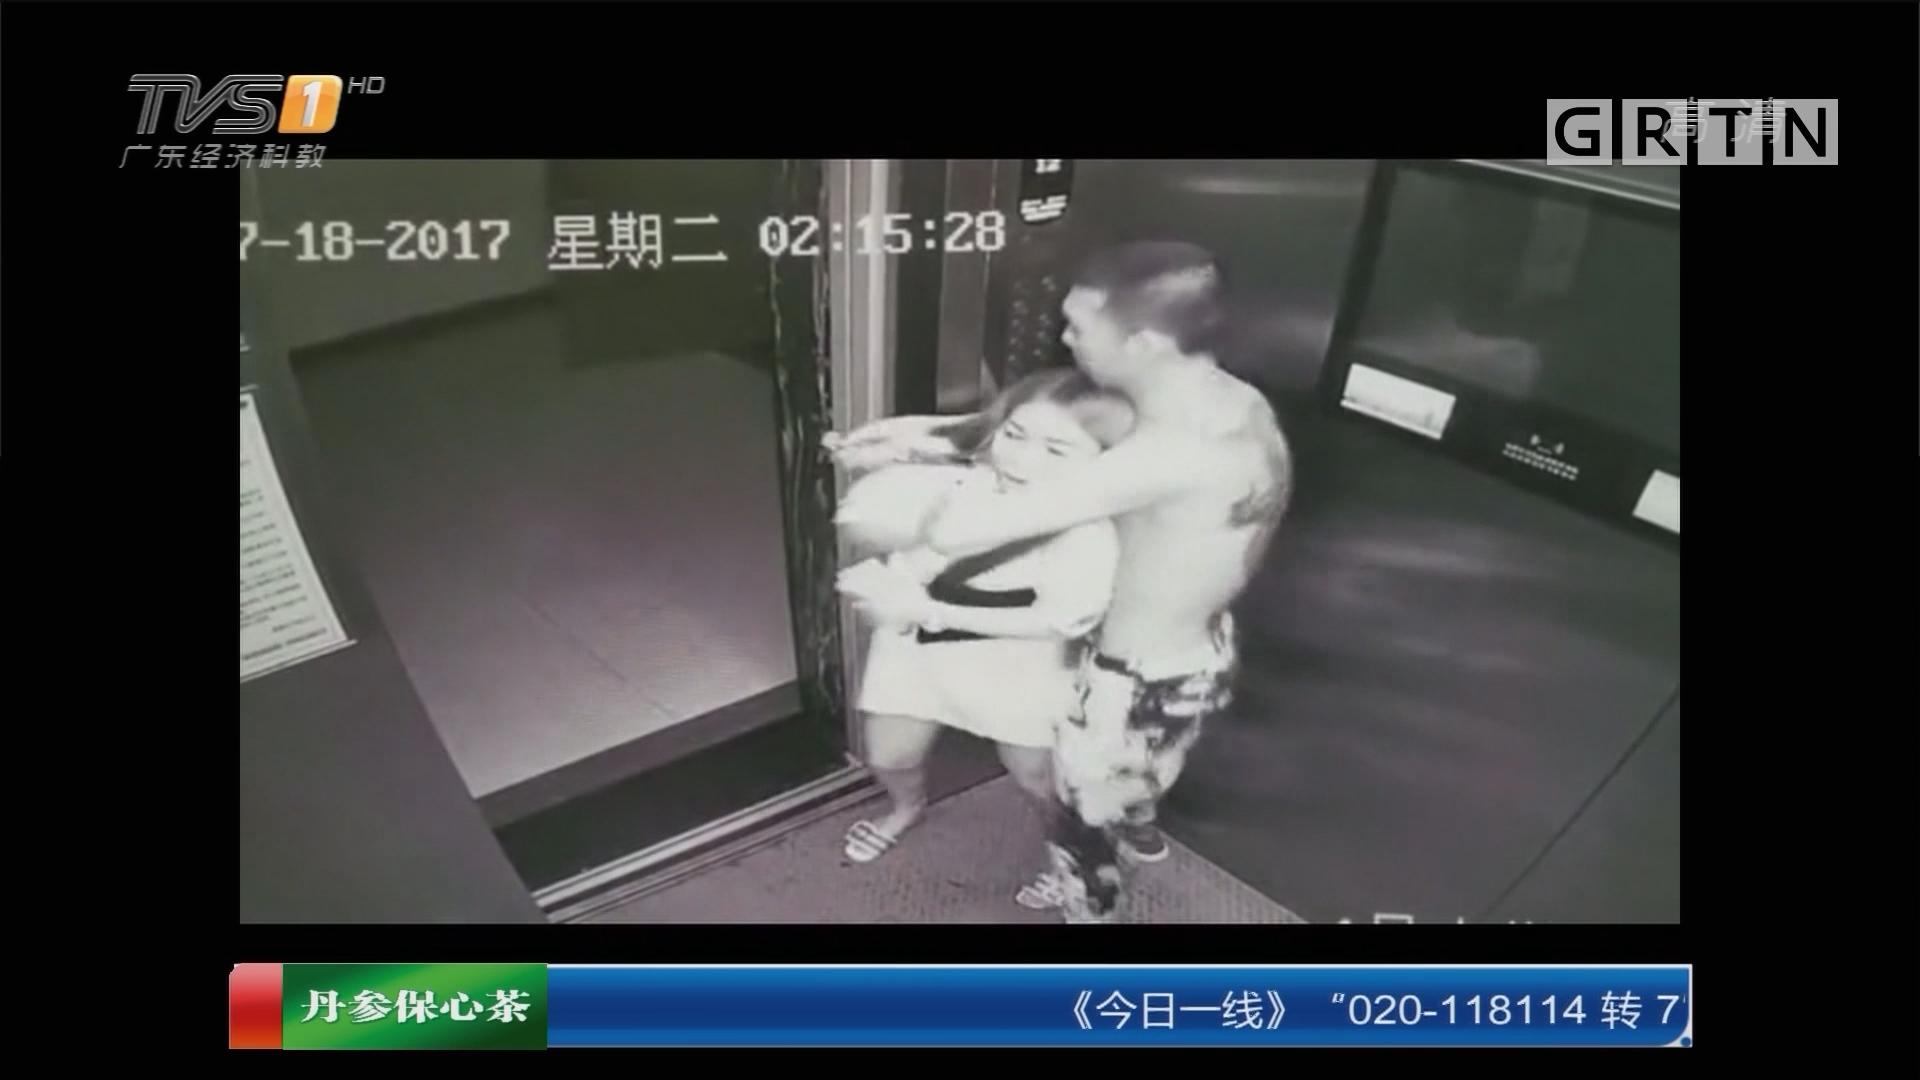 山西:男子深夜电梯中相继挟持两女子